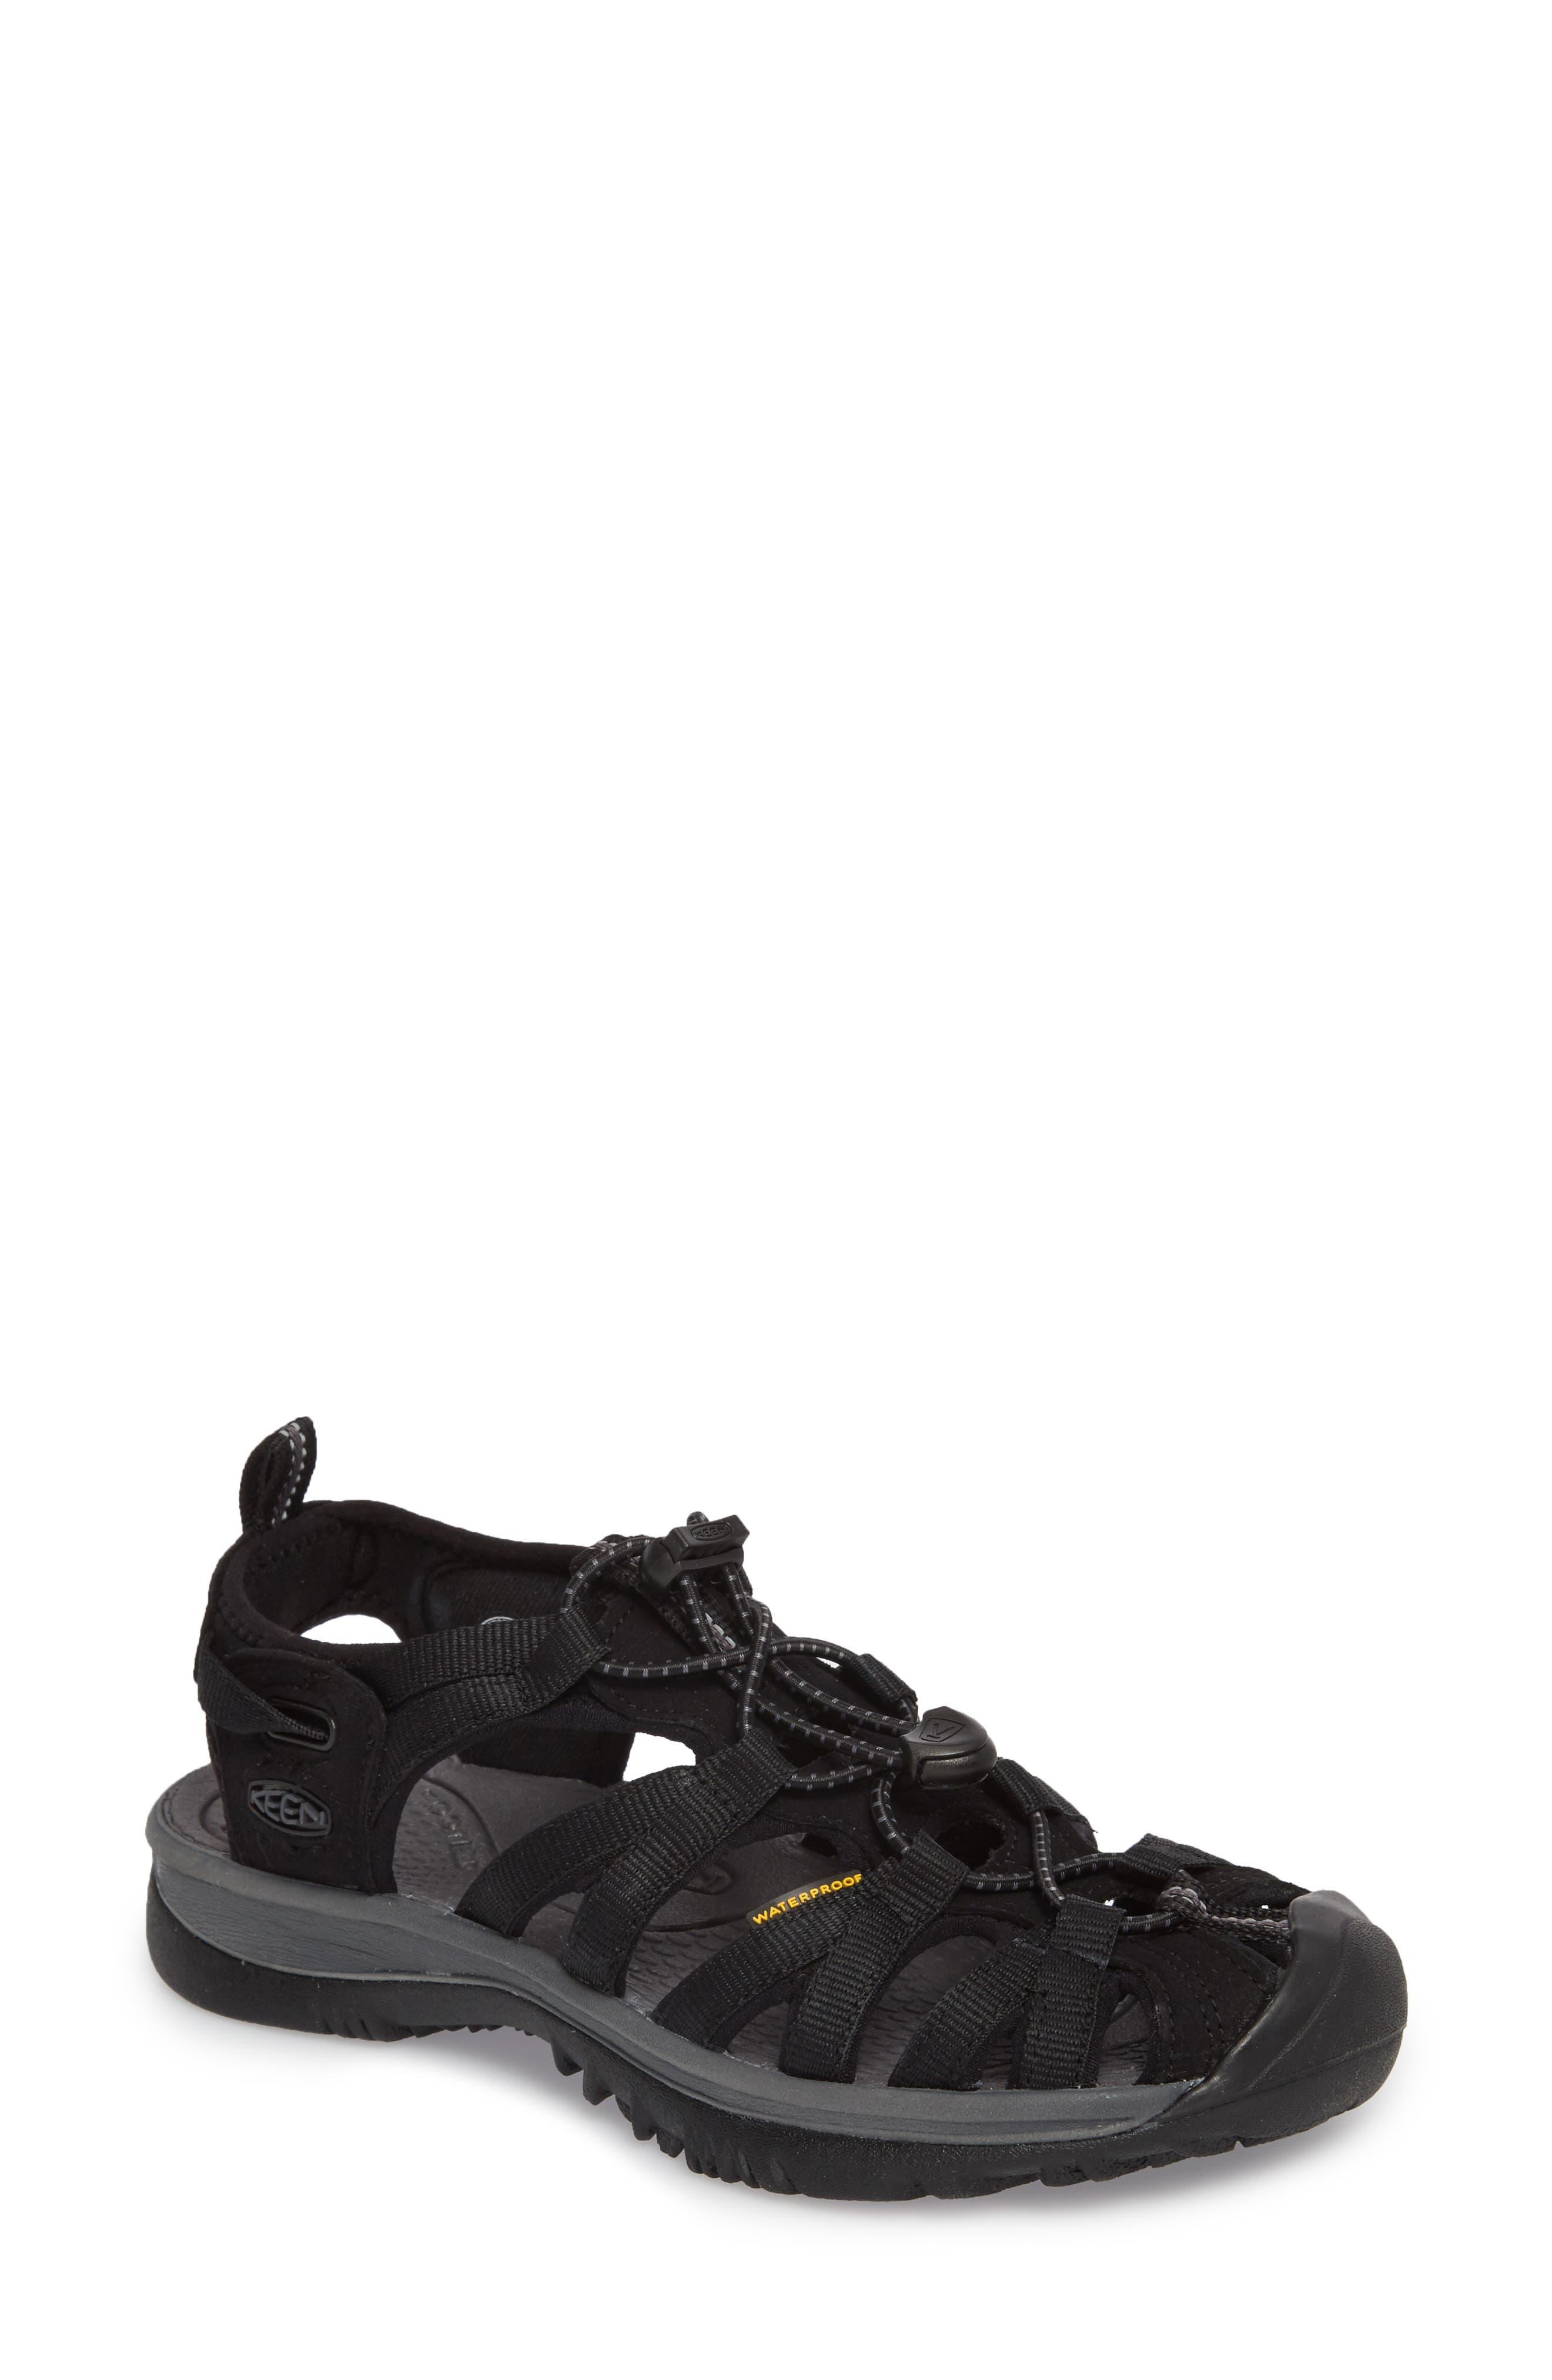 'Whisper' Water Friendly Sport Sandal,                         Main,                         color, BLACK/ MAGNET